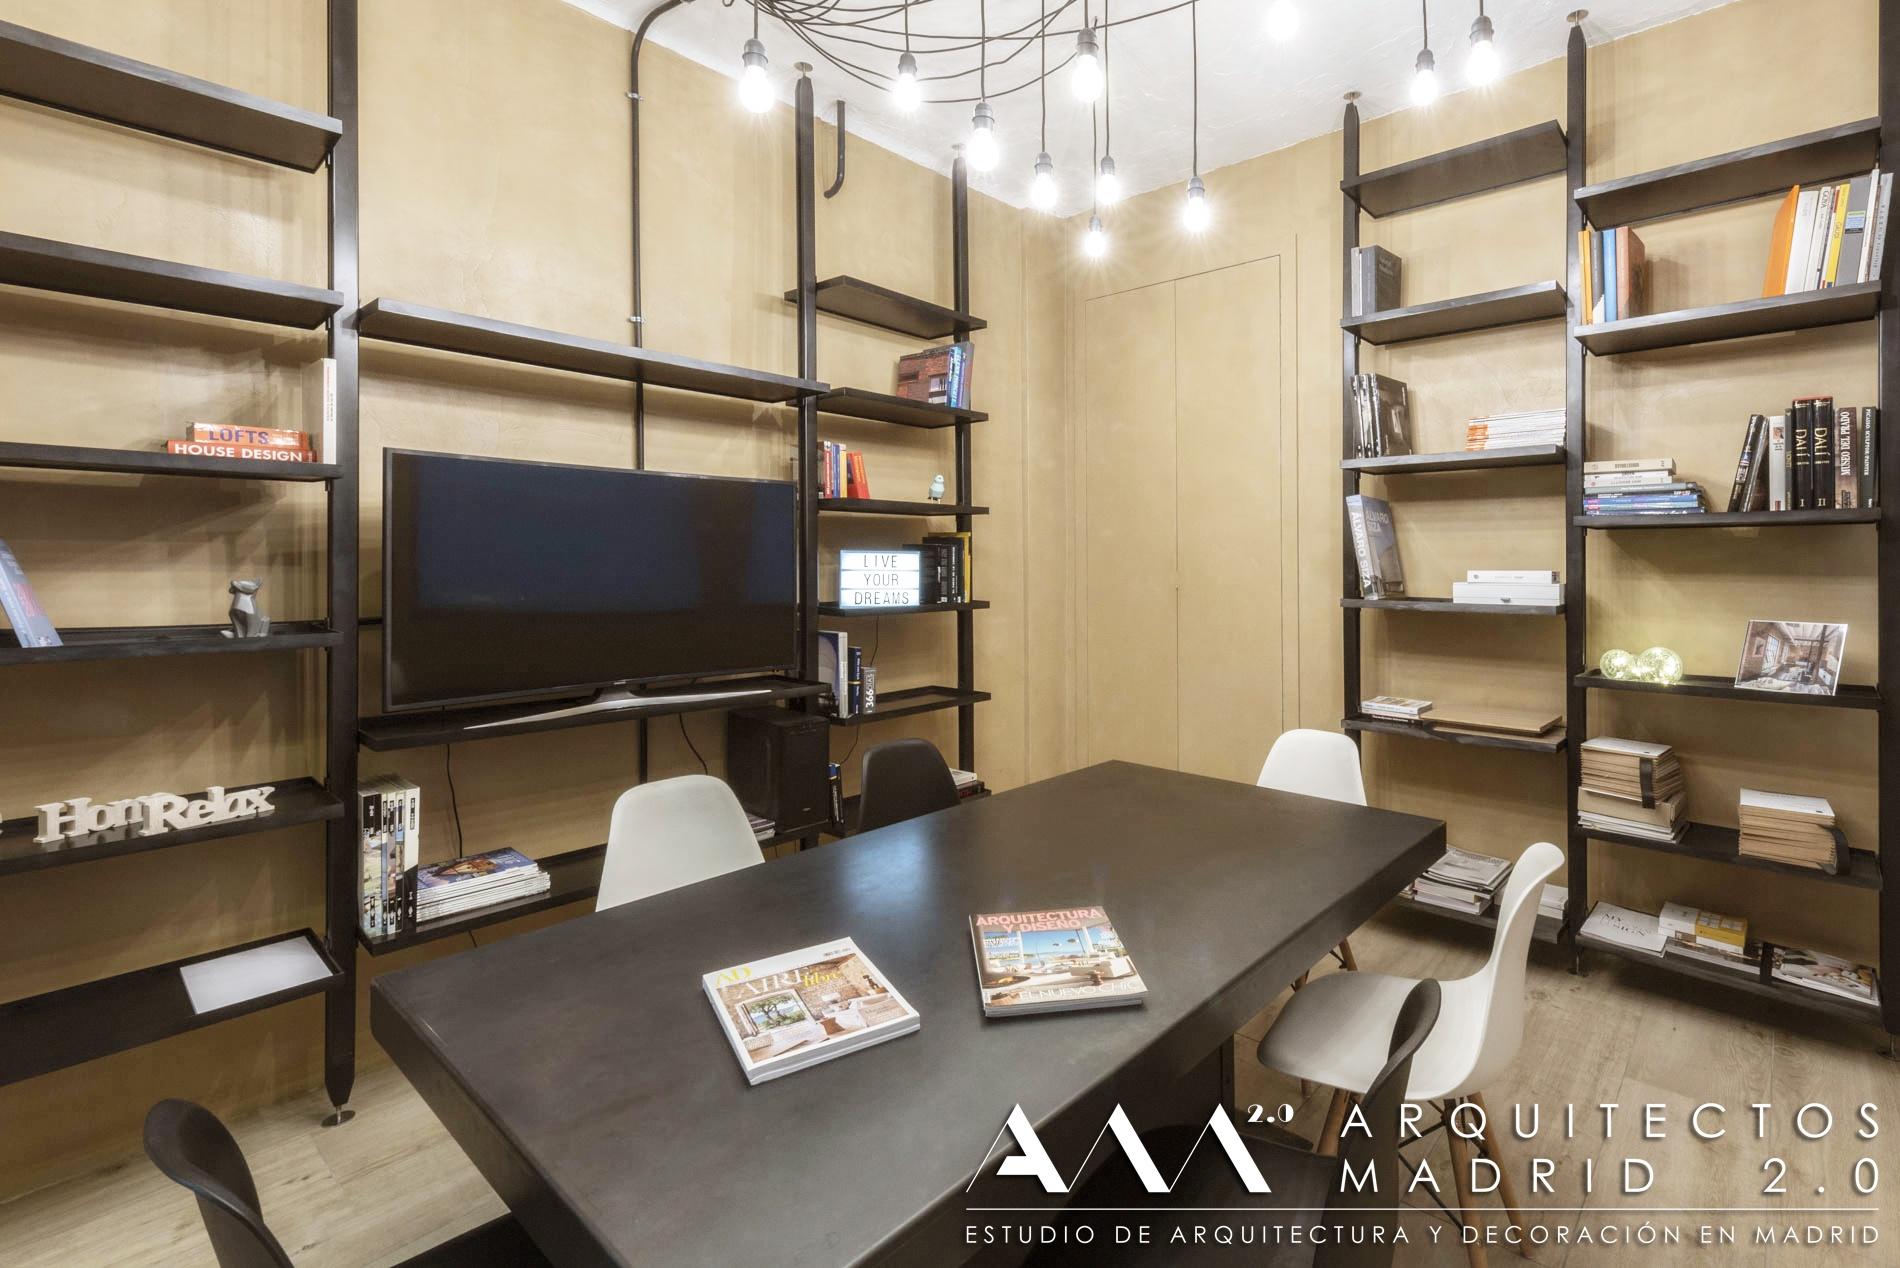 oficina-estudio-arquitectura-madrid-arquitectos-madrid-en-el-retiro-01